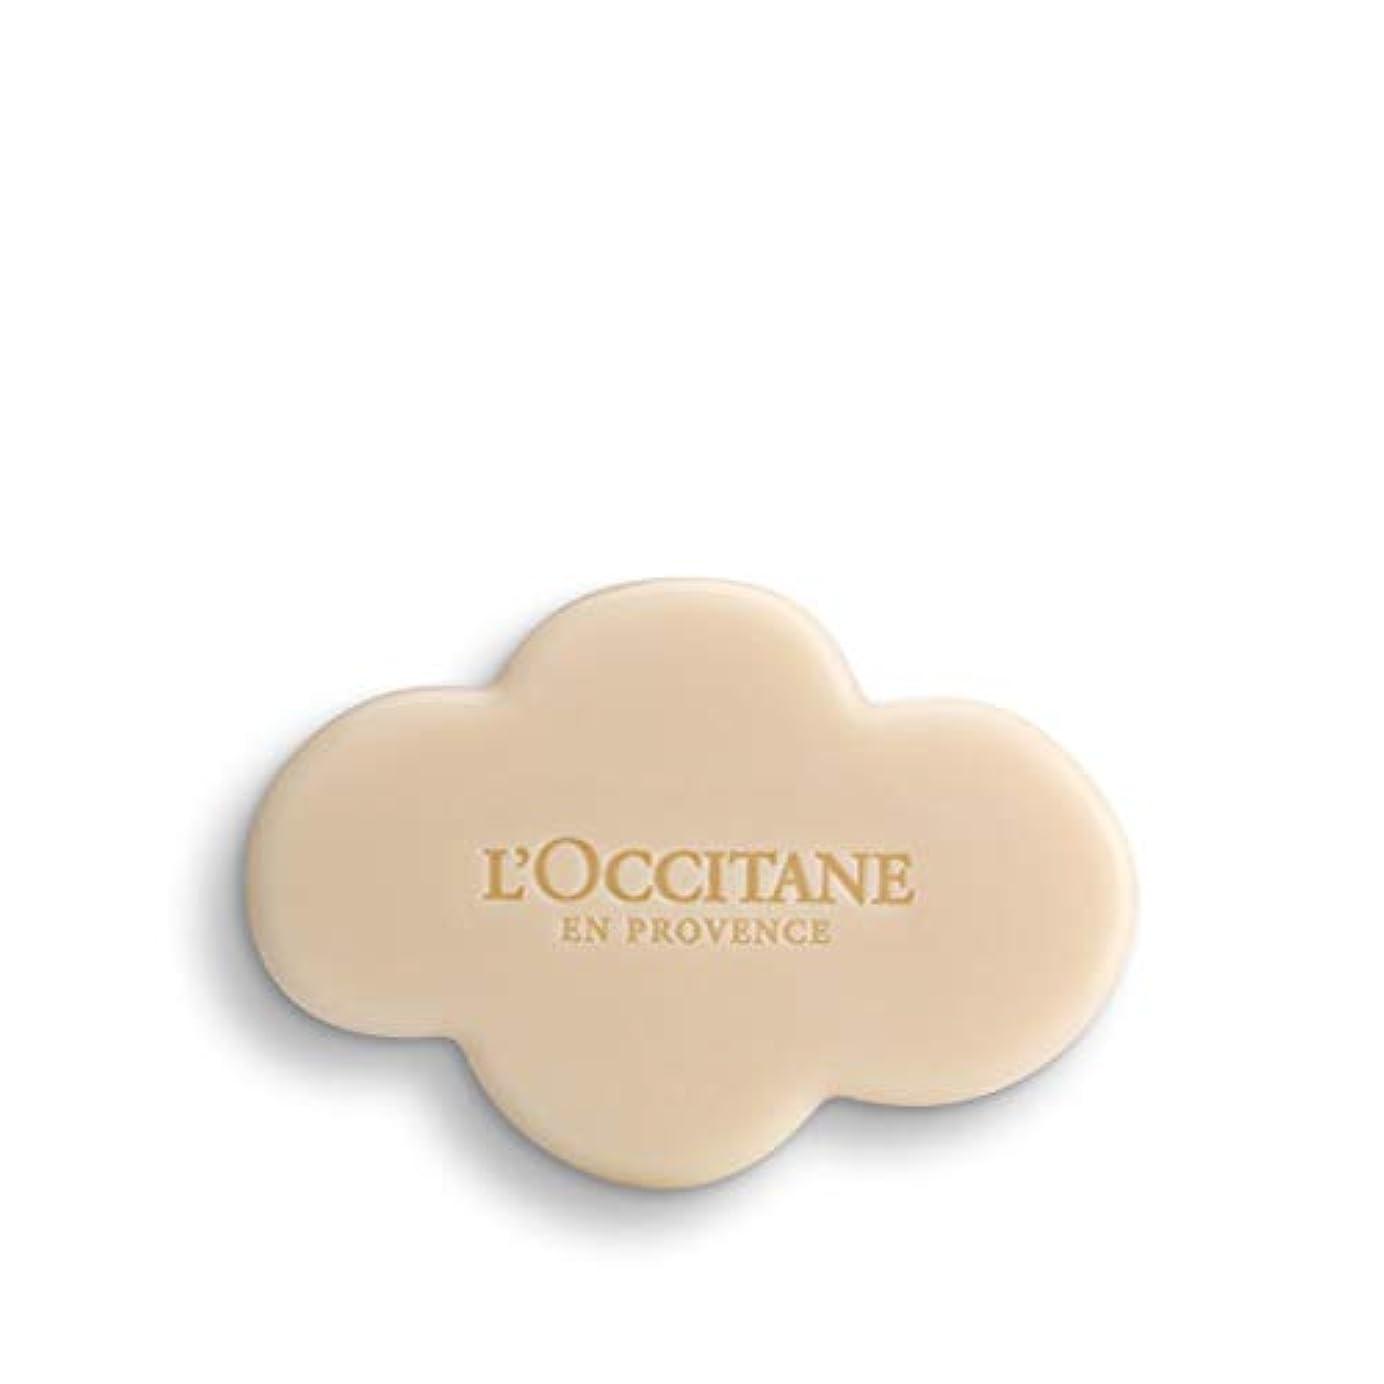 チャンピオンシップ誘惑飼料ロクシタン(L'OCCITANE) ハニーハイヴ シア ソープ 石鹸 ルミナスハニー 150g